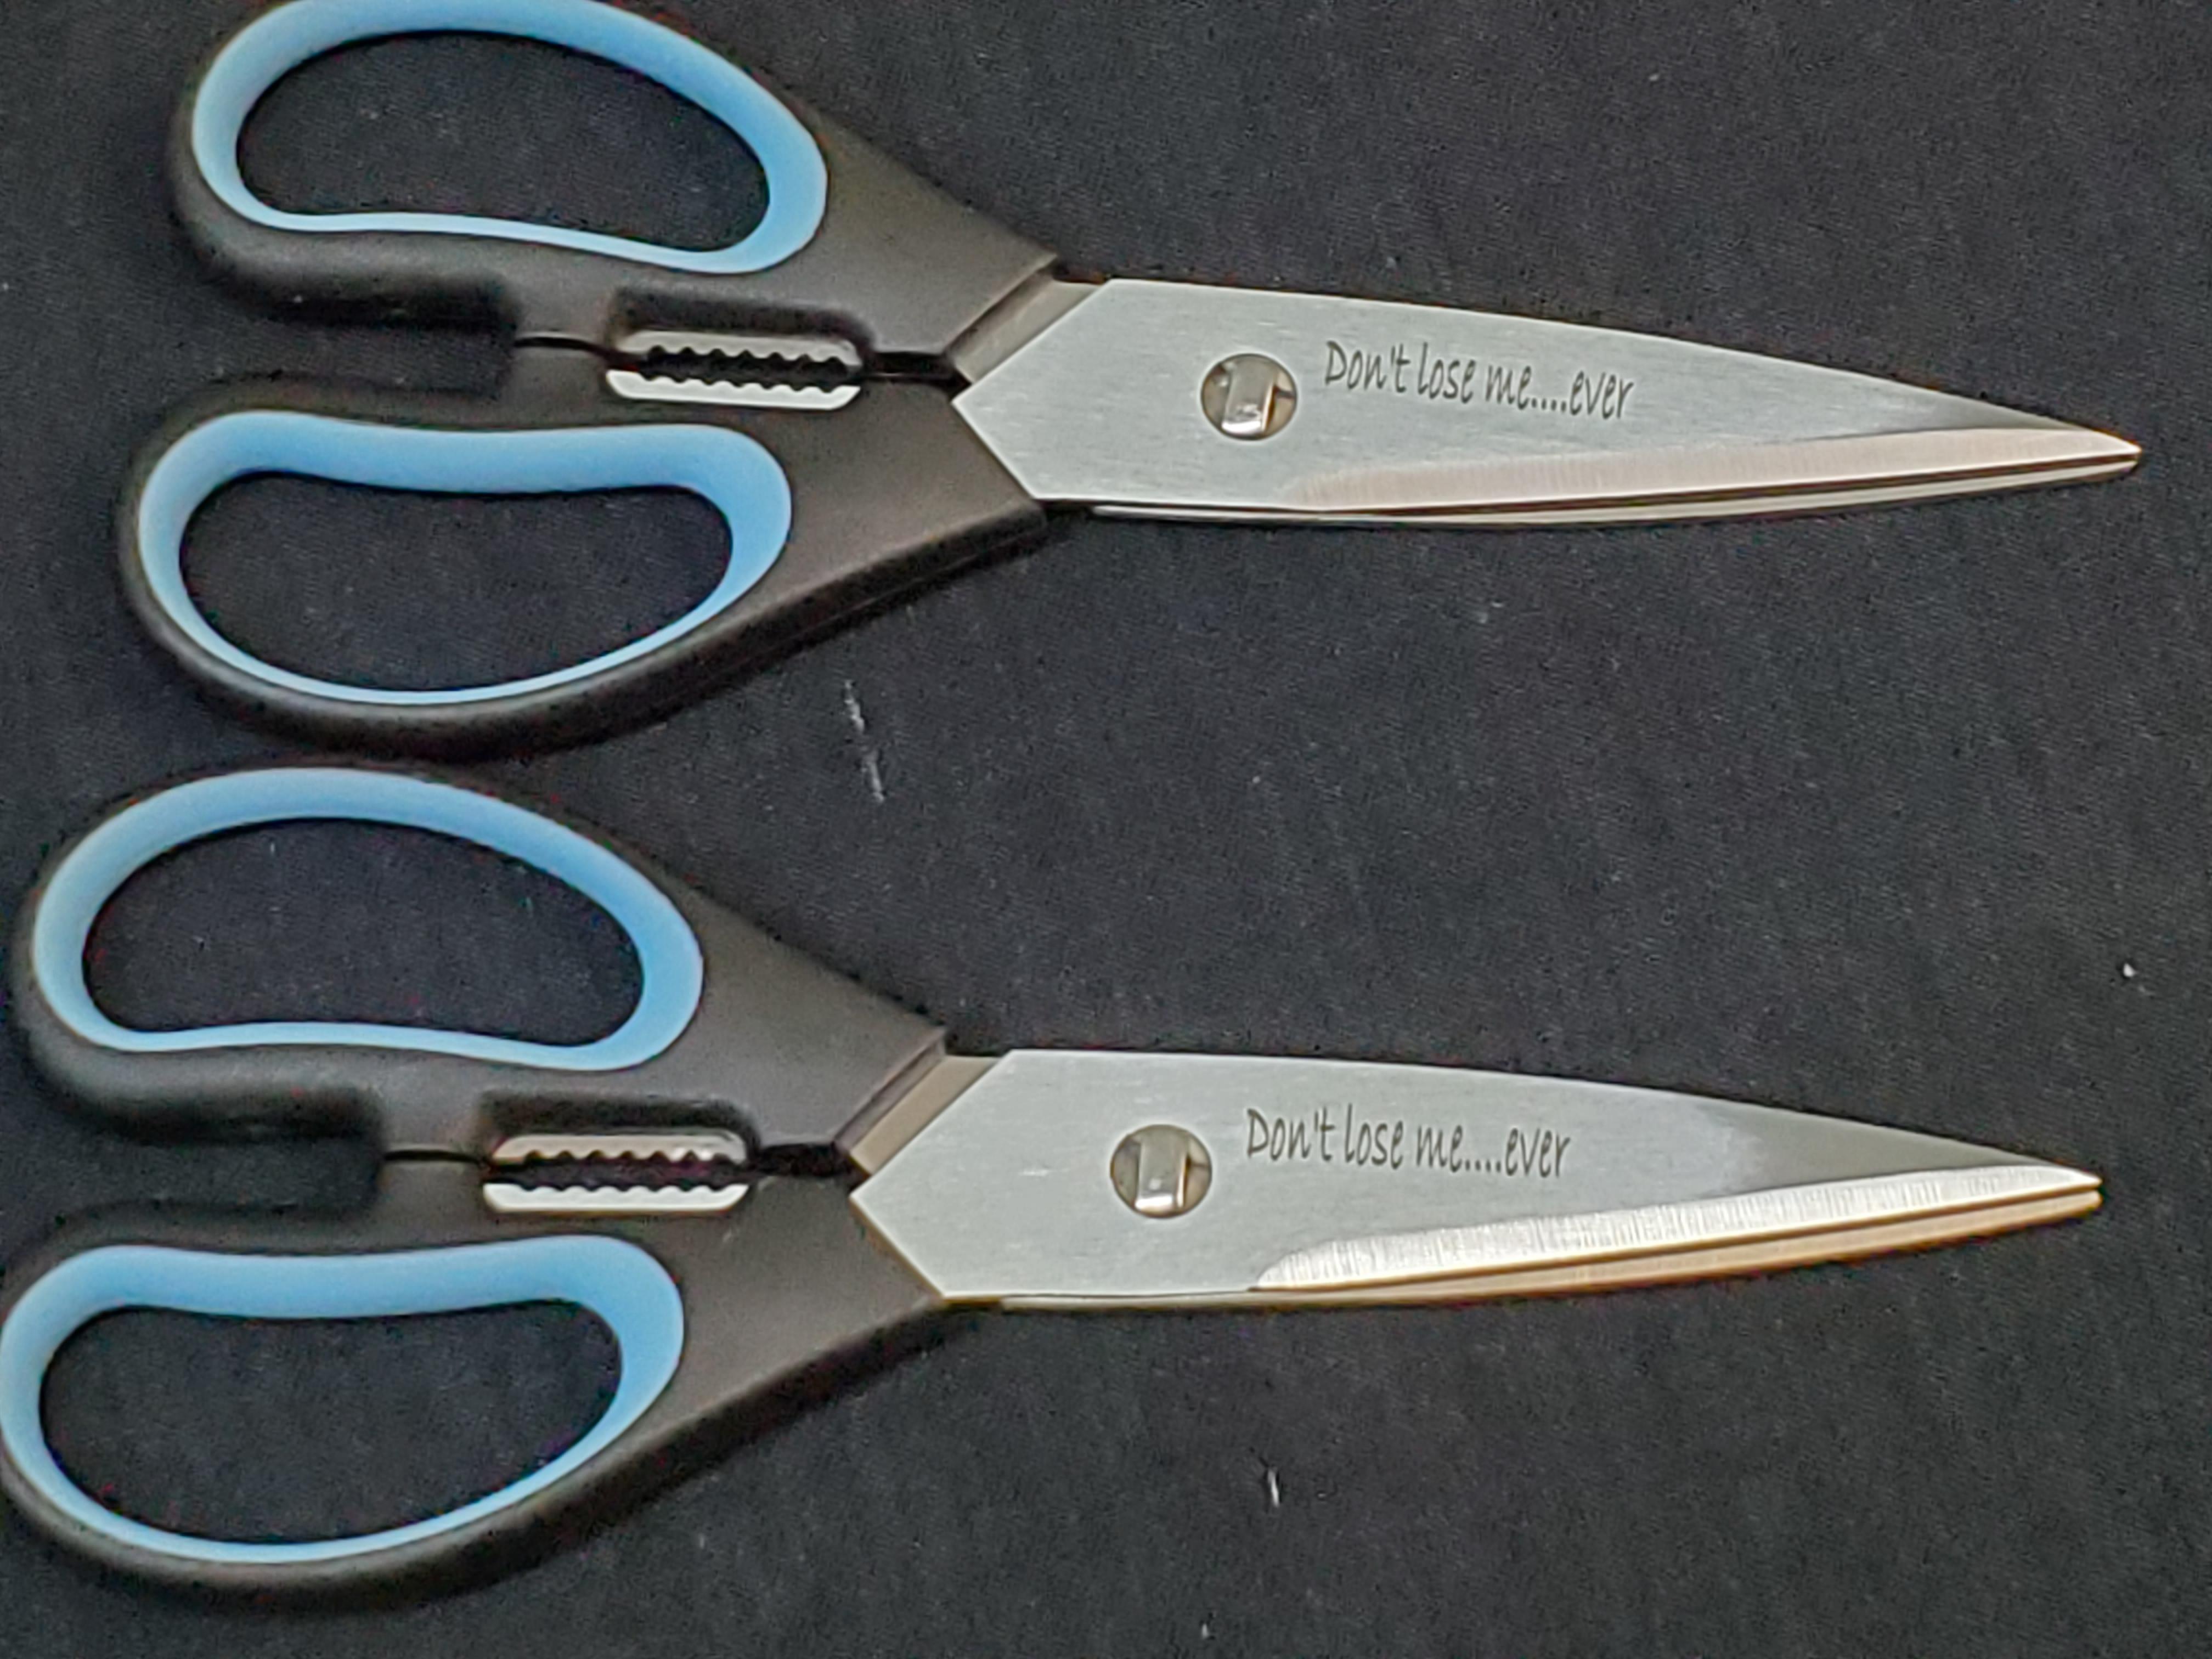 custom-engraved-dexter-knives-11-.jpg